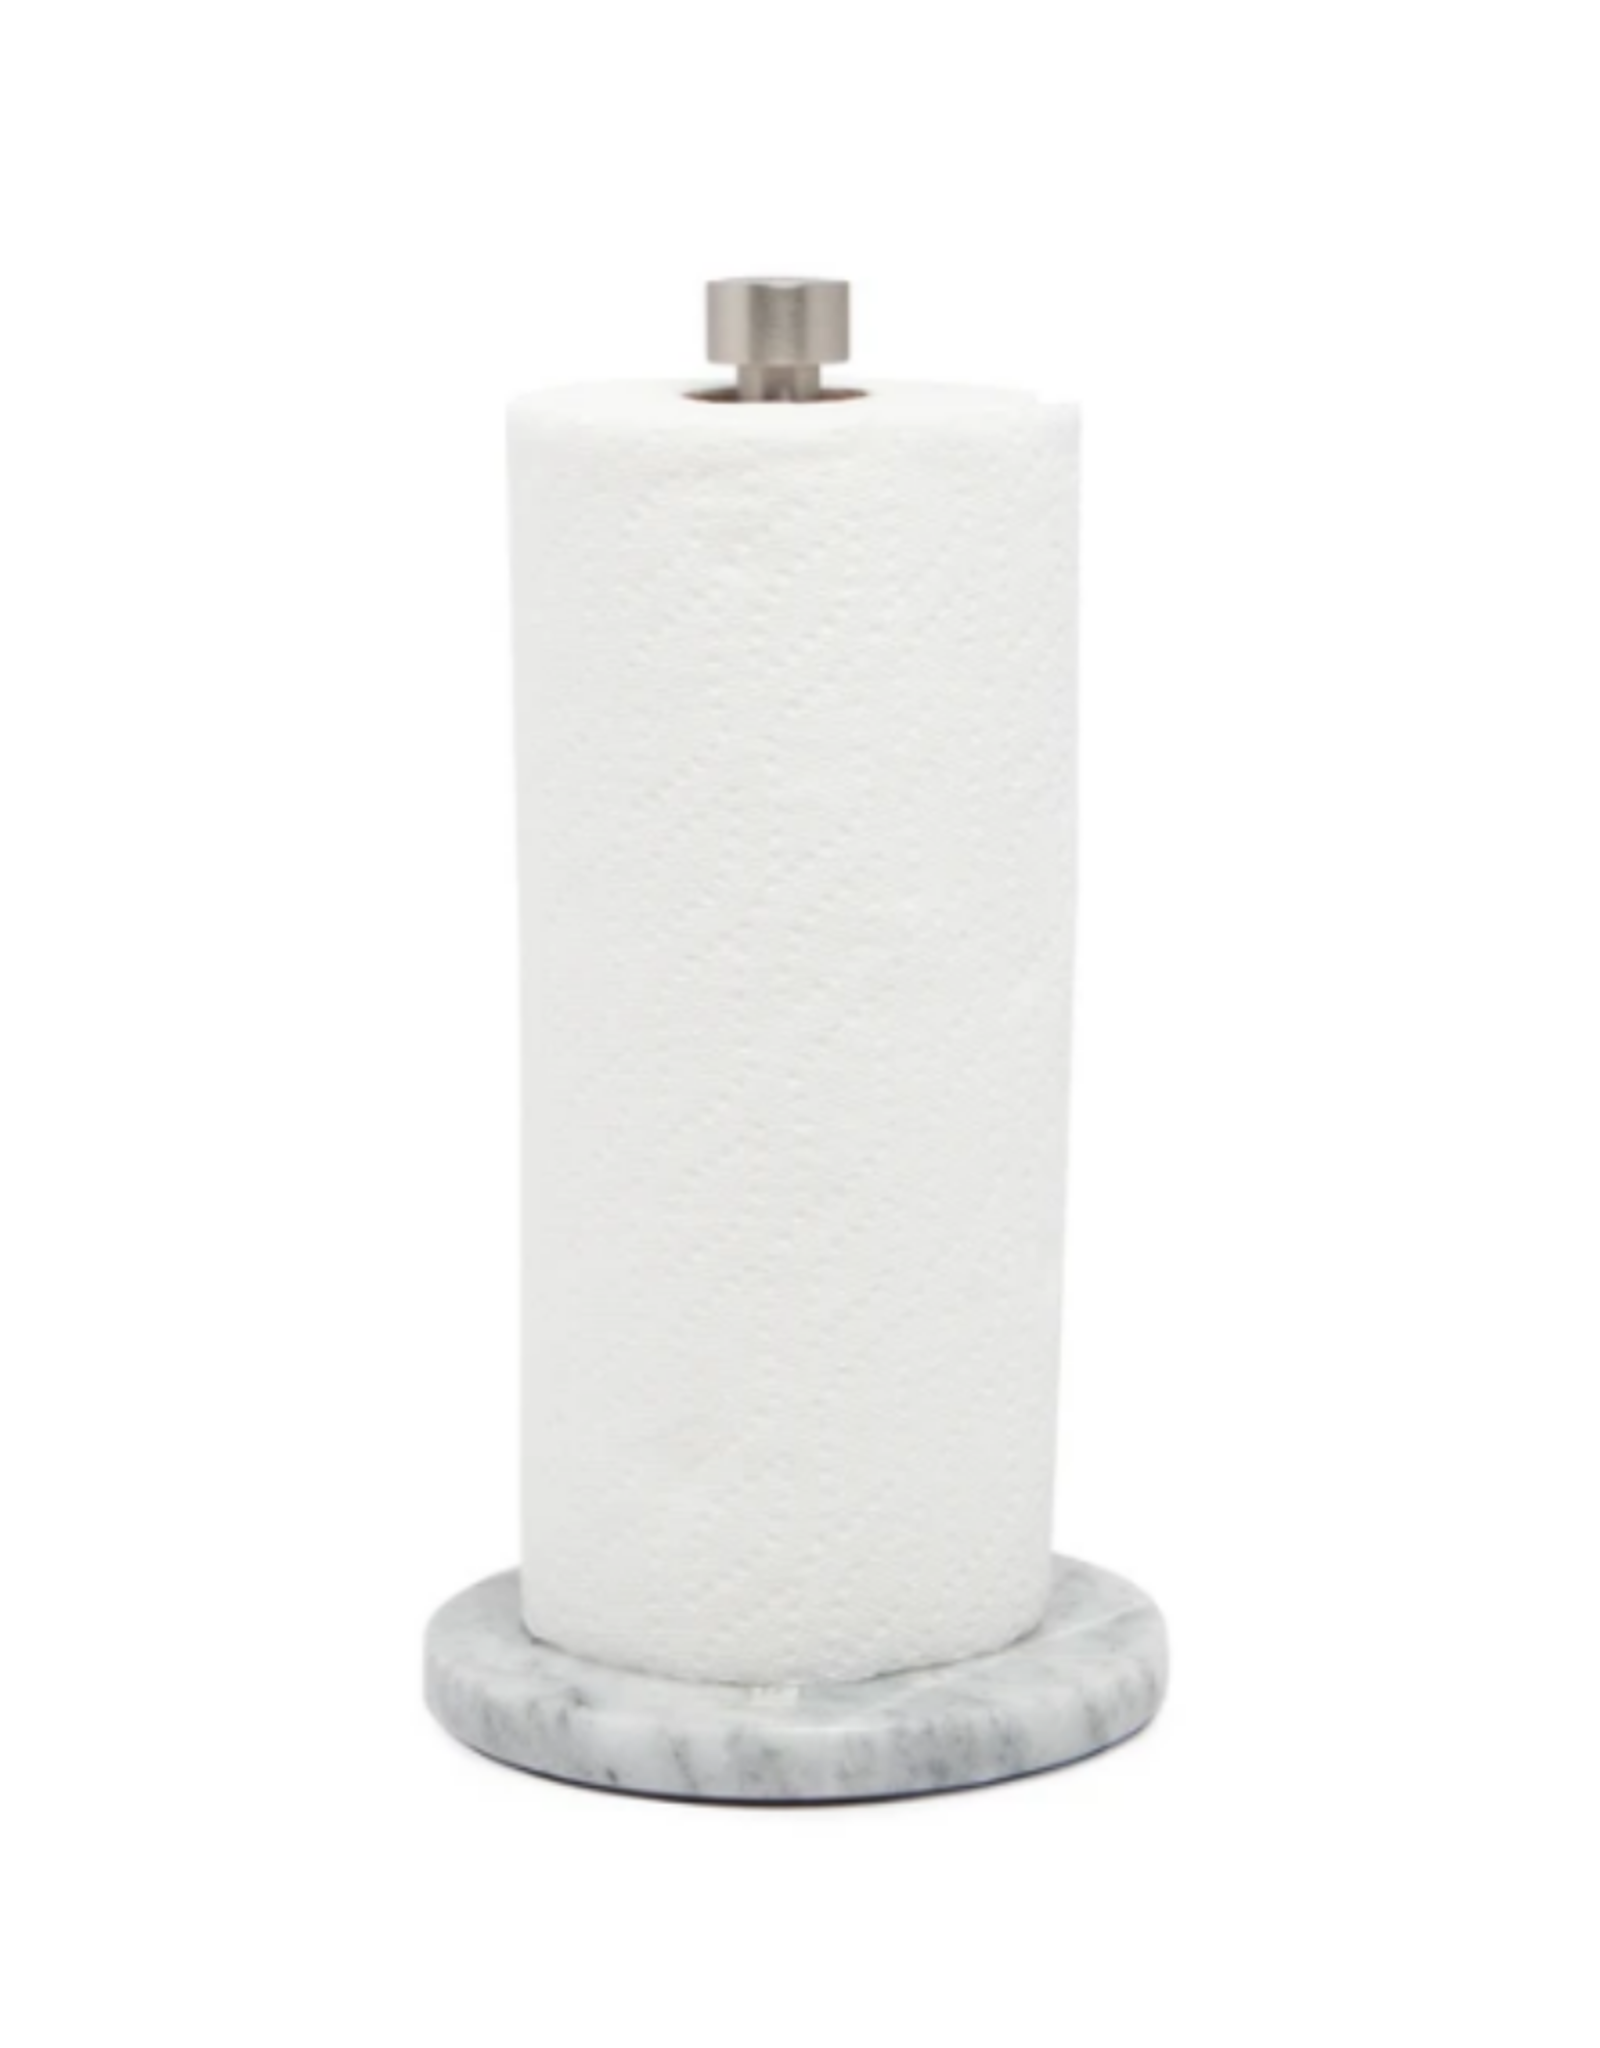 Umbra Support à essuie-tout avec base en marbre 'Marla'